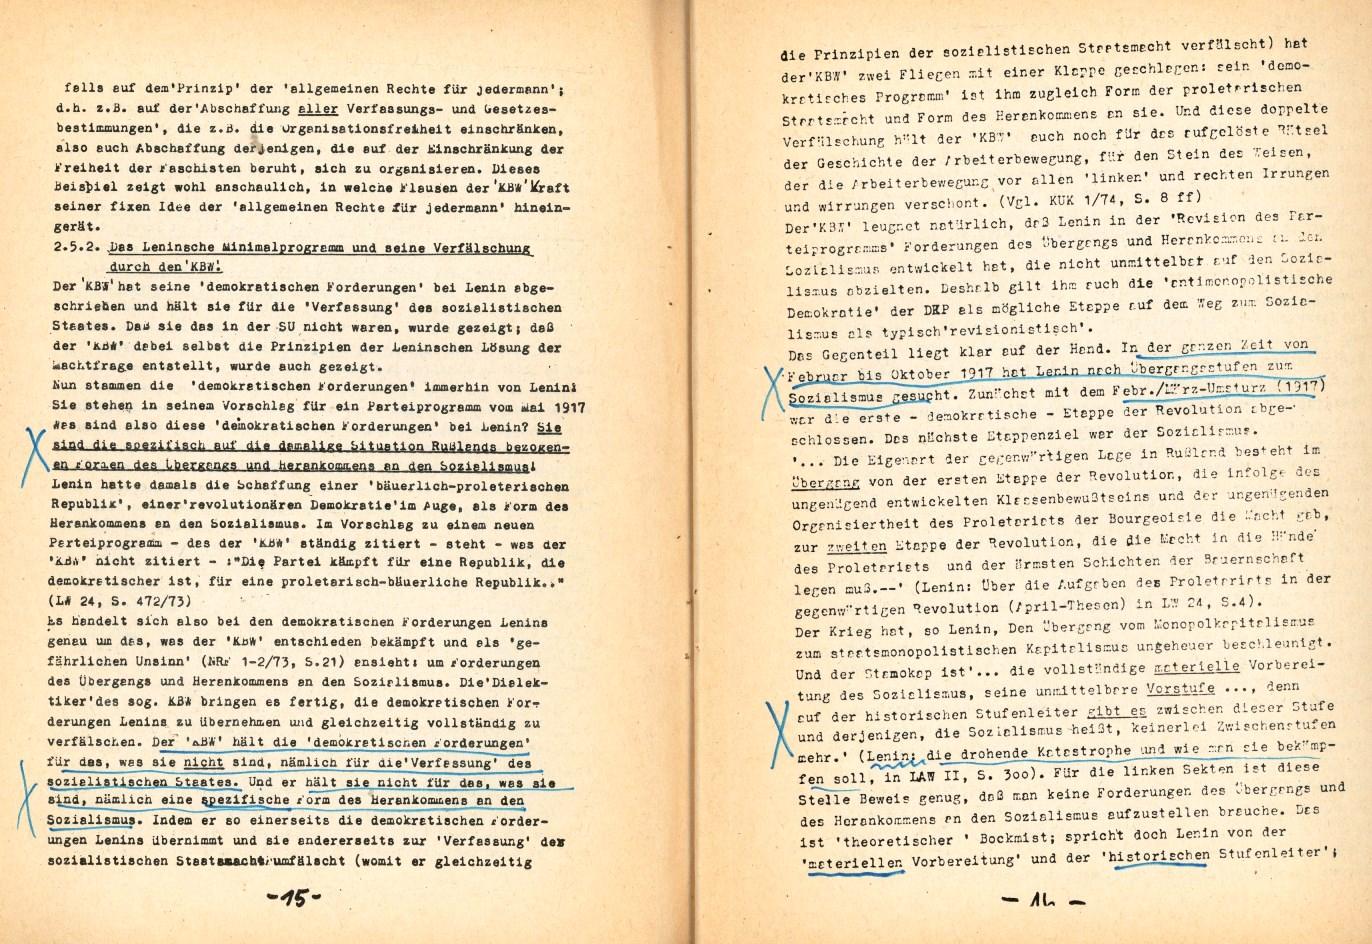 Giessen_MSB_1976_Der_KBW_eine_rechte_Organisation_10